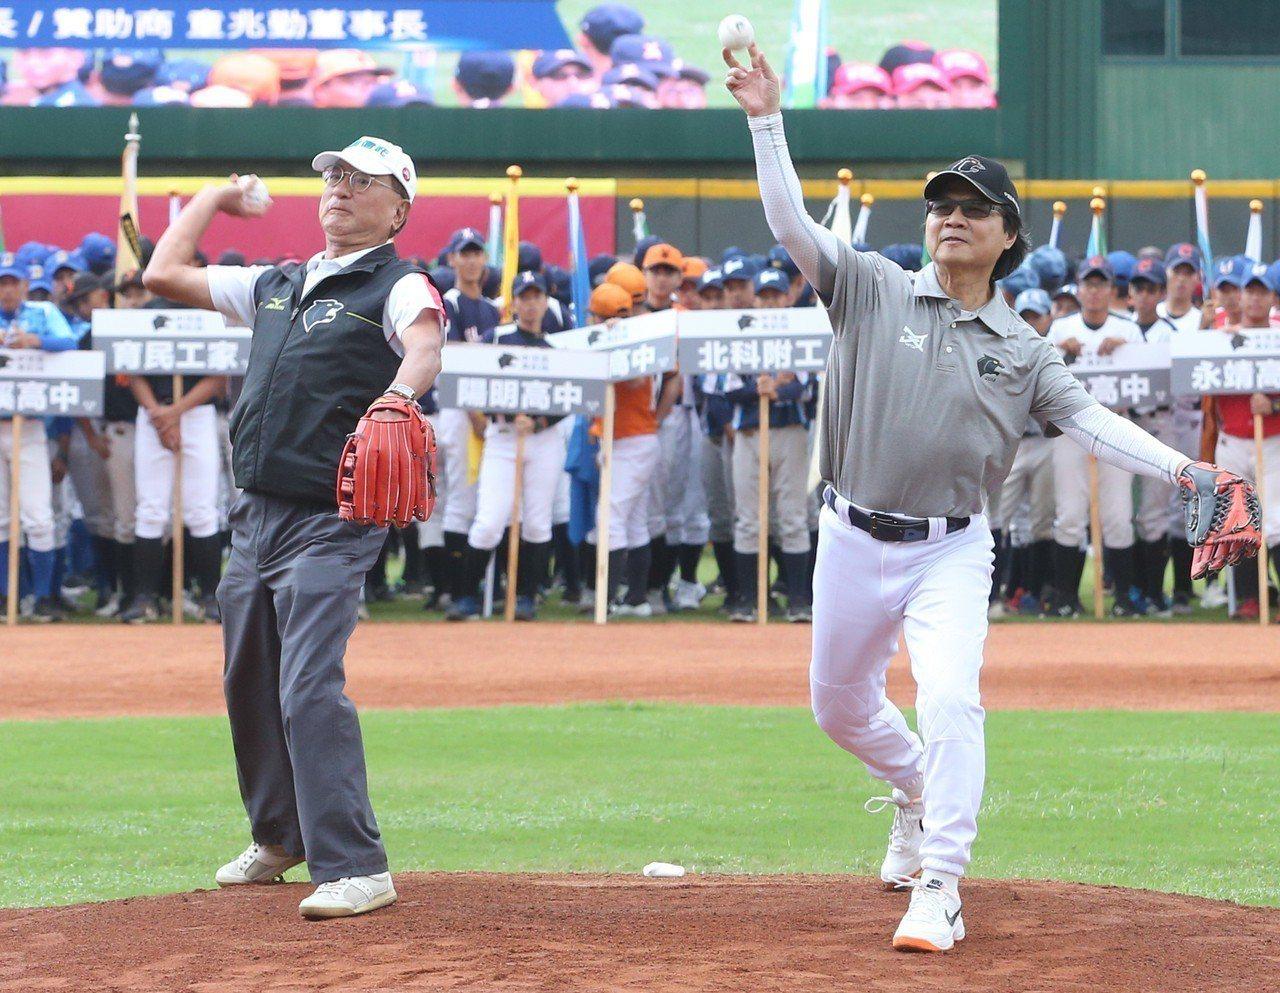 中信盃黑豹旗全國高中棒球大賽下午在天母棒球場舉行開幕儀式,由中信銀行董事長童兆勤...